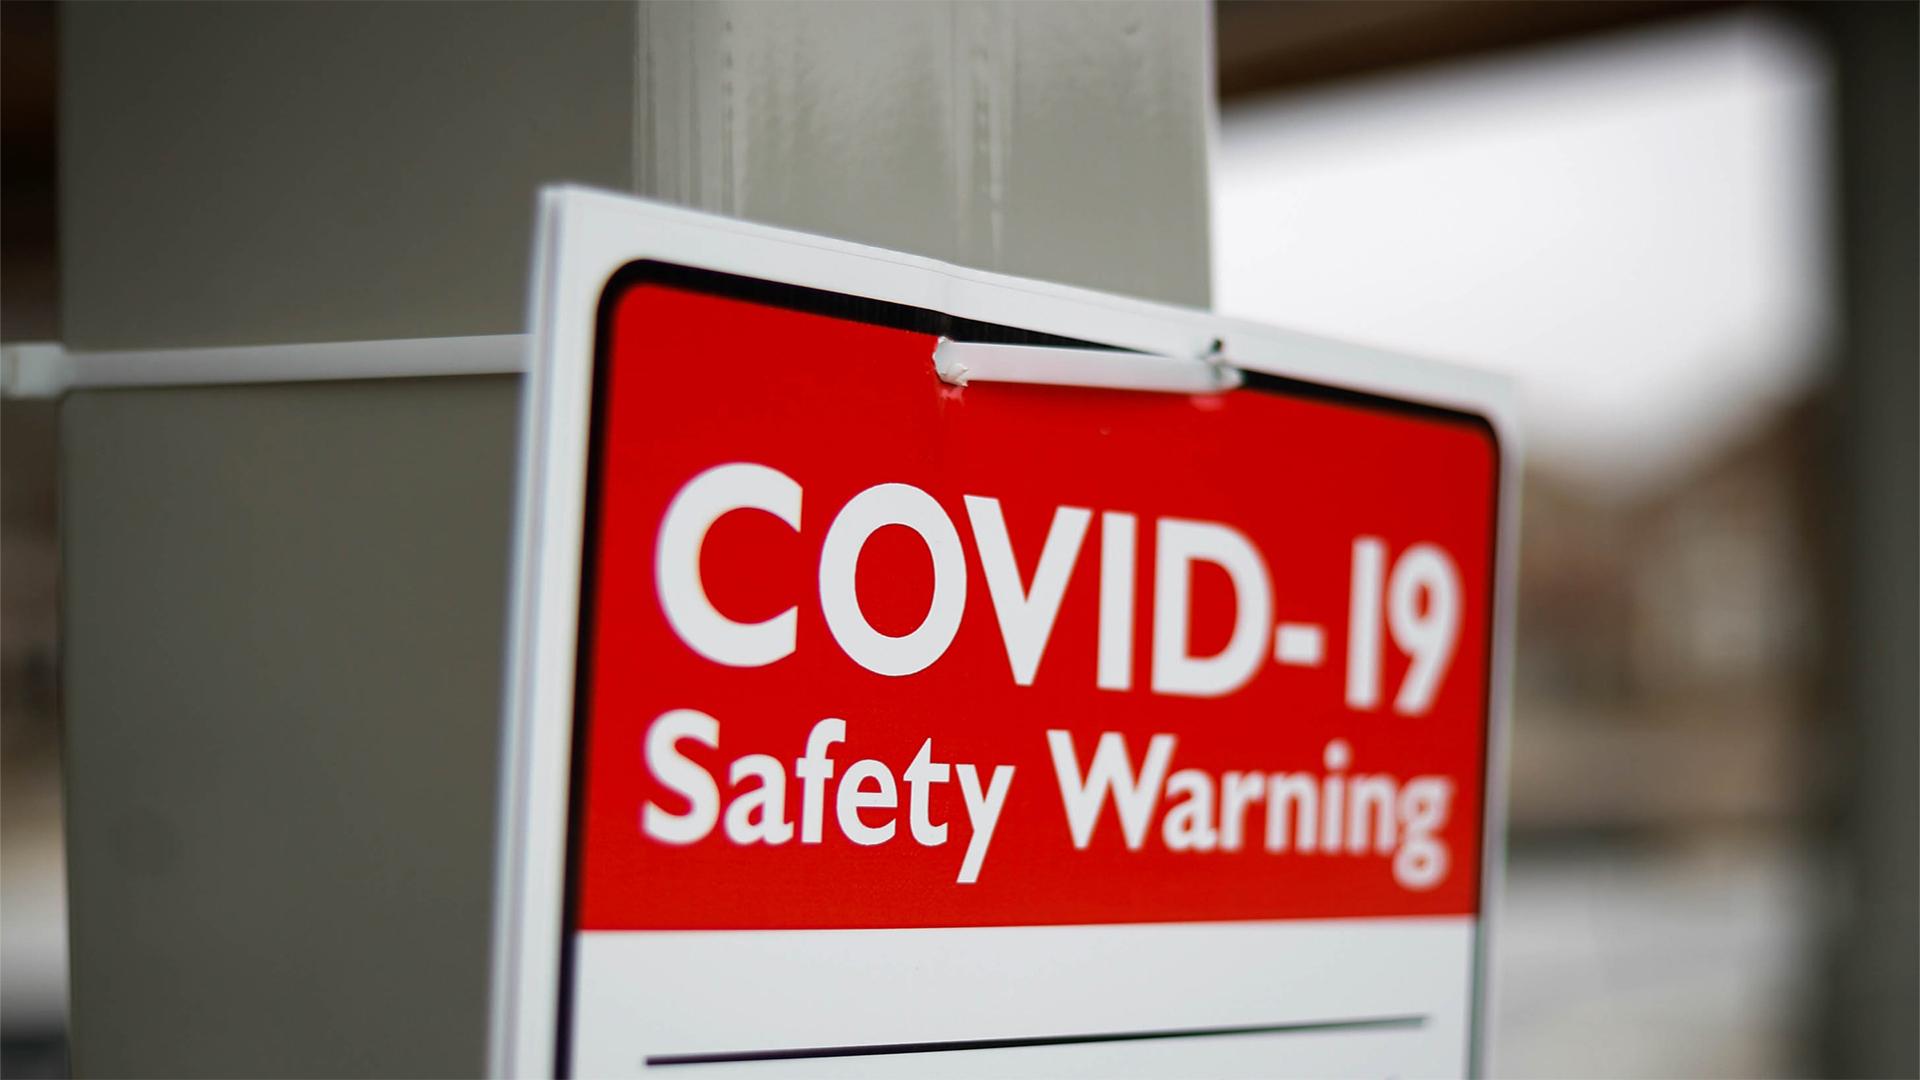 Ontario reporta 704 nuevos casos de COVID-19 y cuatro muertes